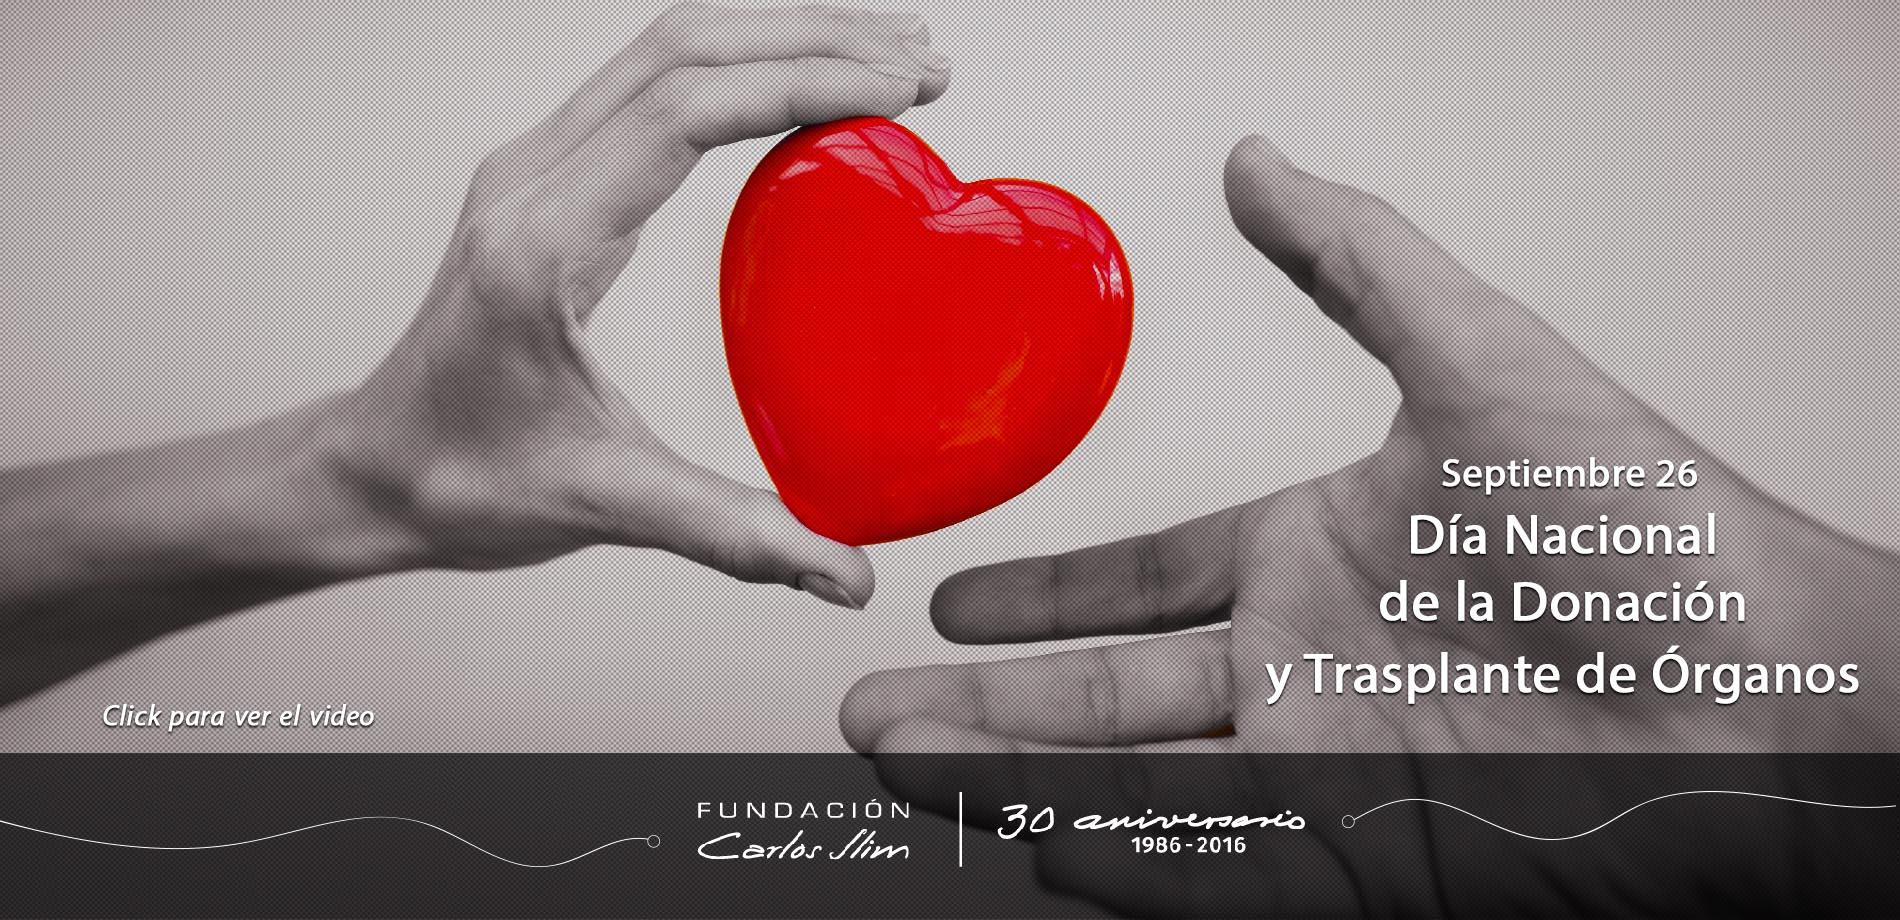 13 Septiembre 26 Dia Nacional de la Donacion de Organos y Tjidos